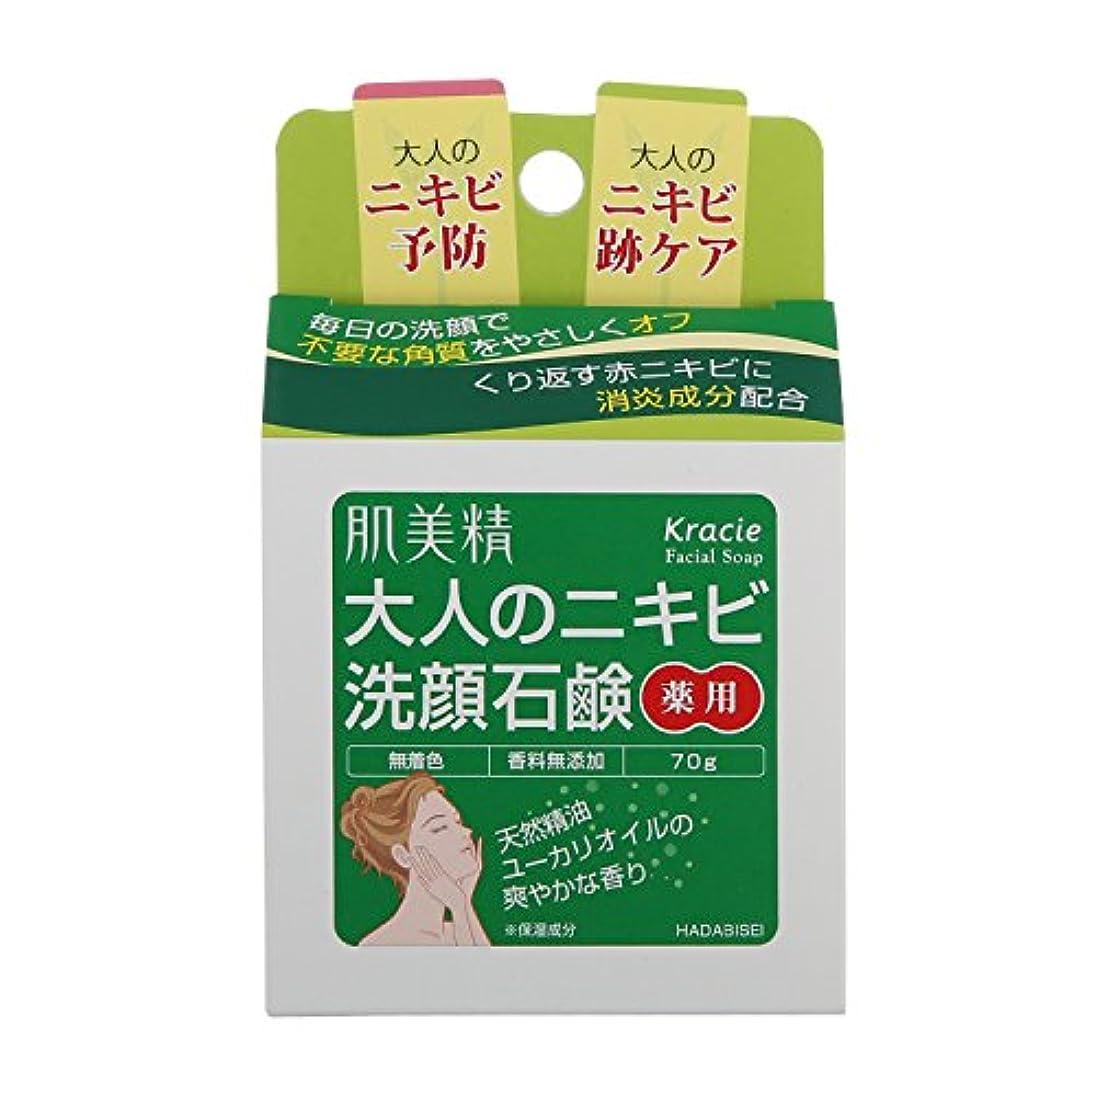 ピニオンひばりポジション肌美精 大人のニキビ 薬用洗顔石鹸 70g  [医薬部外品]